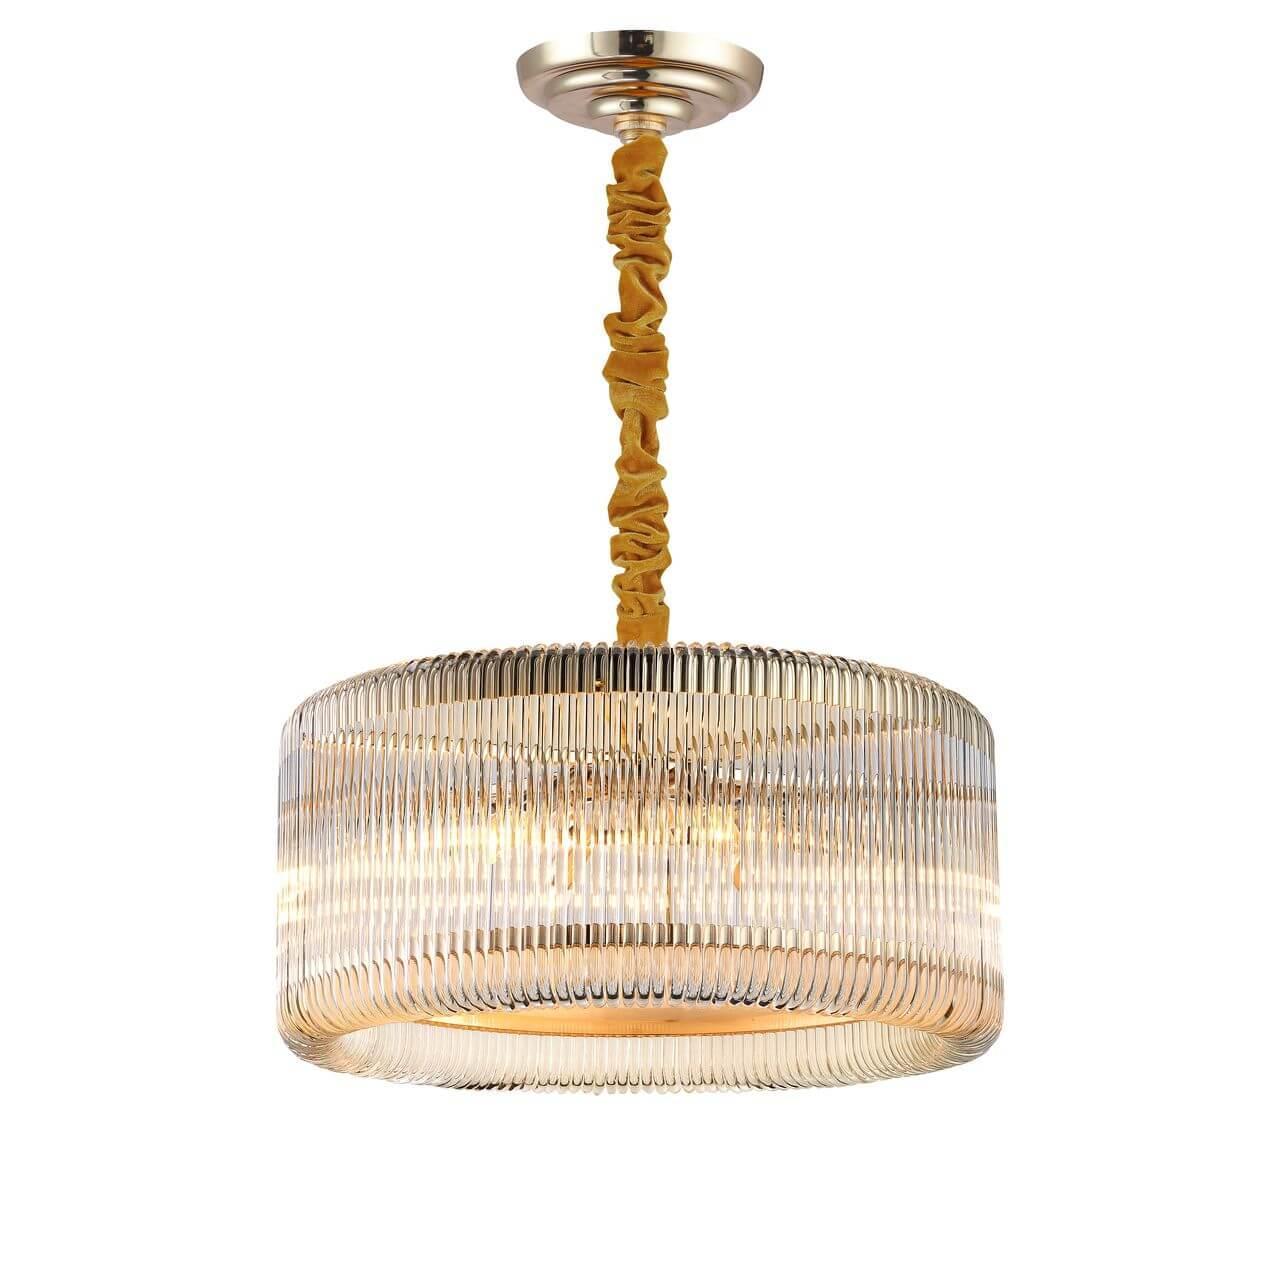 Купить настольную лампу в интернет-магазине недорого